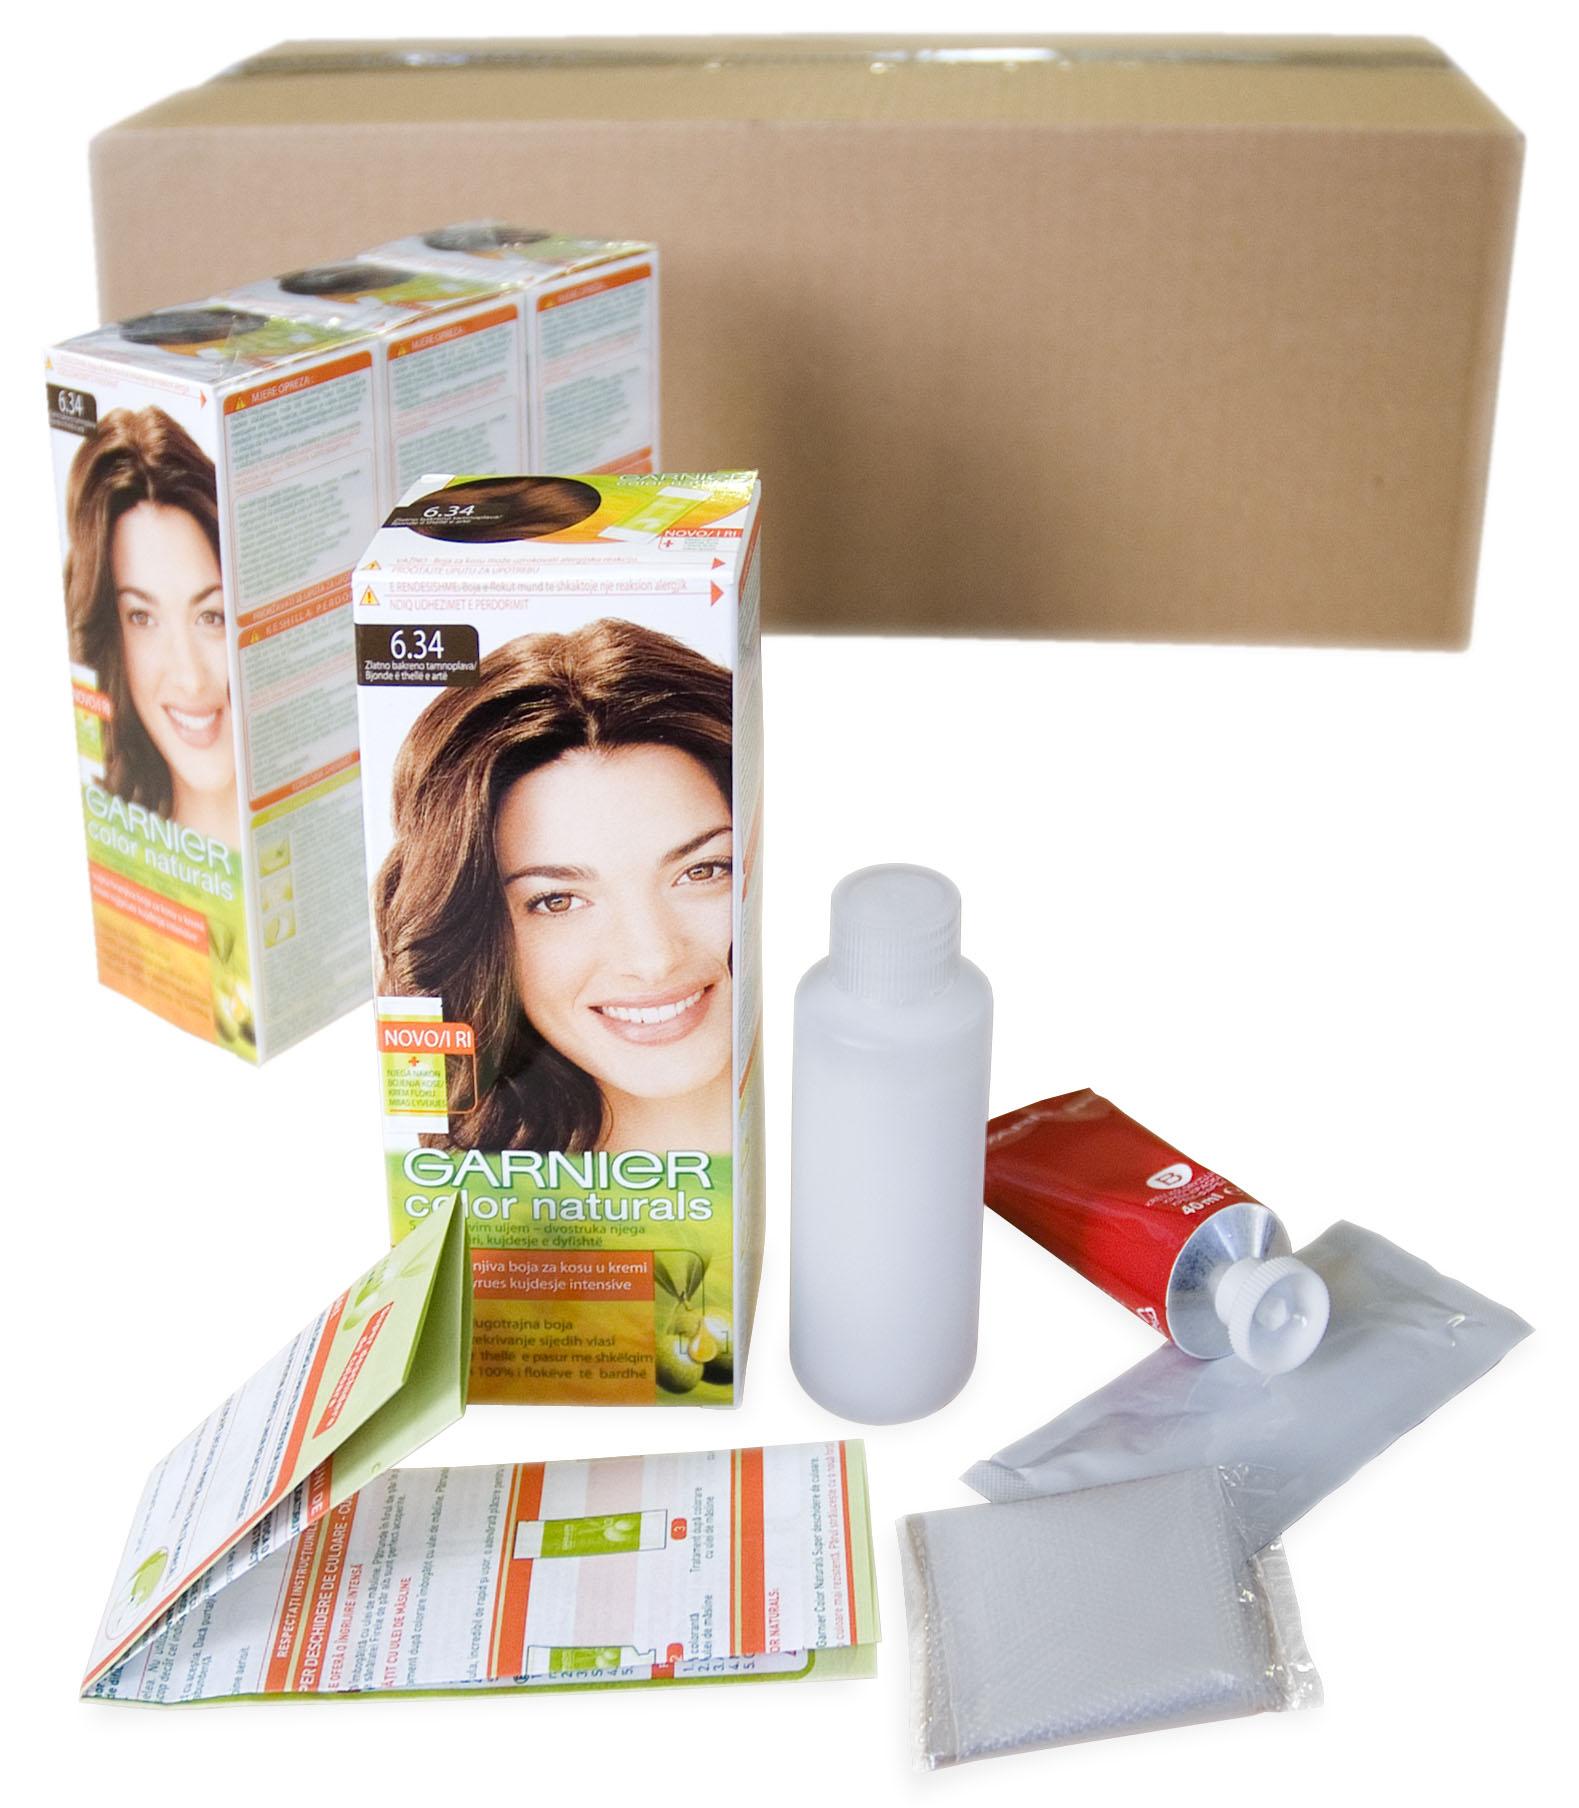 L112 Hv2 Nrt Smp Complete Line For Hair Color Kit Packaging